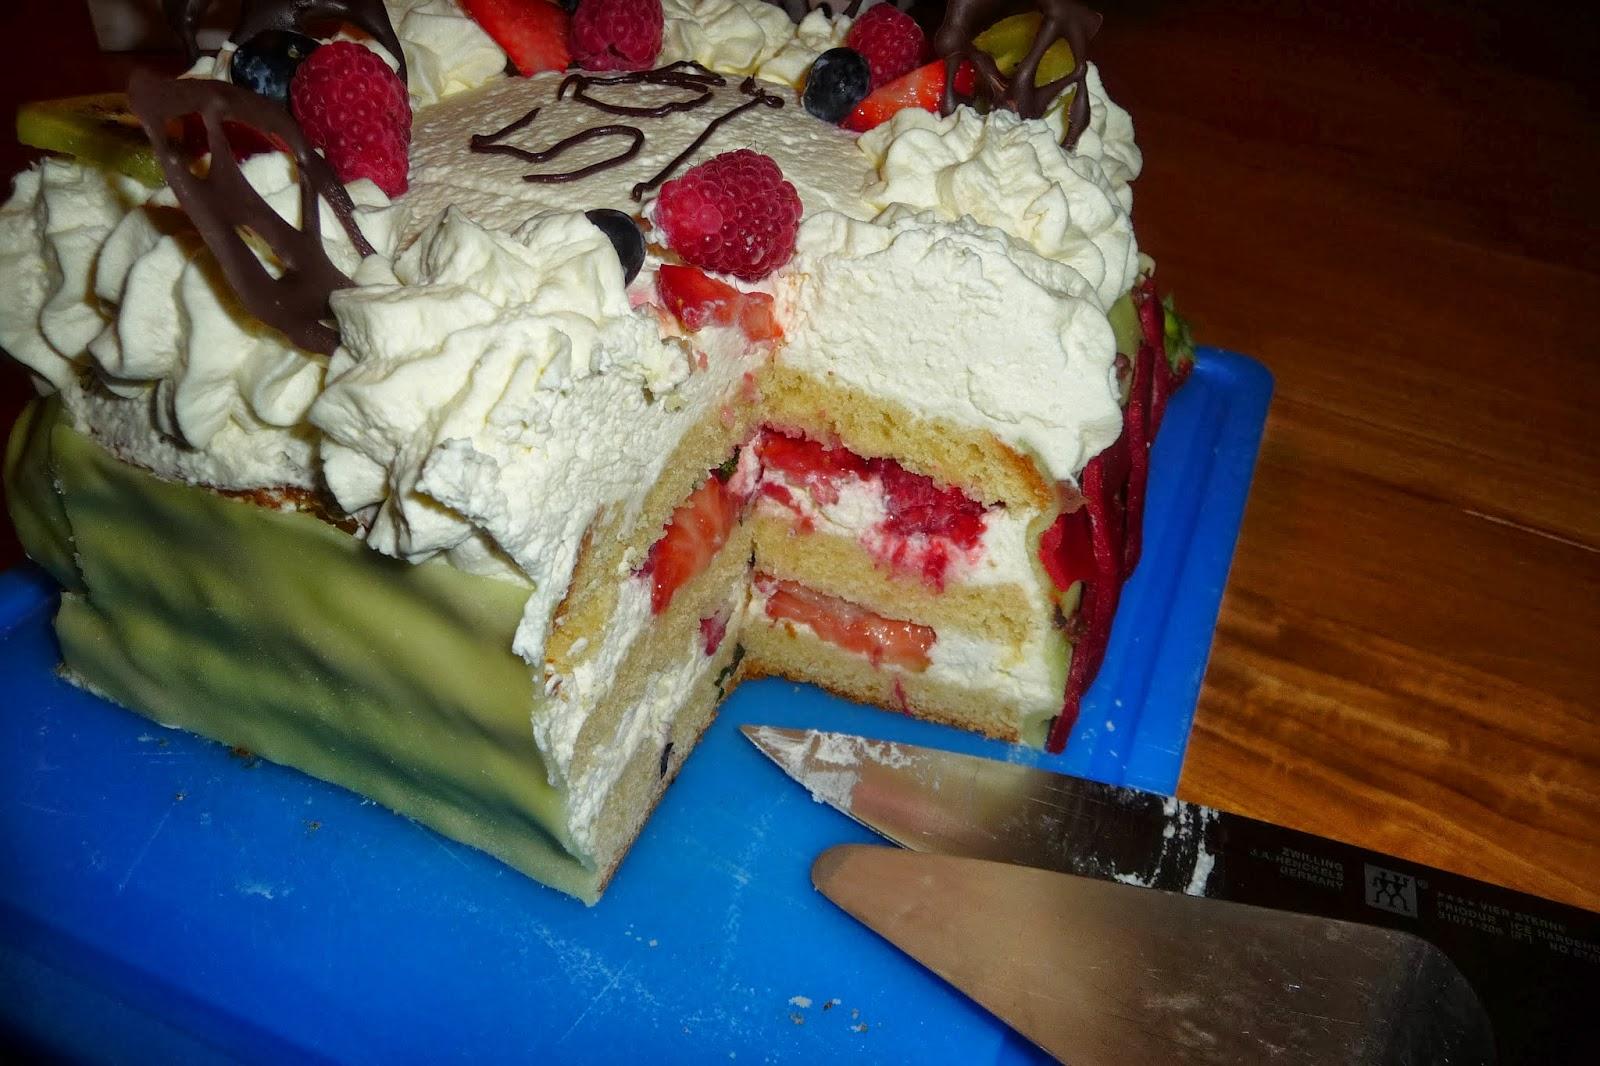 taart na tekenen